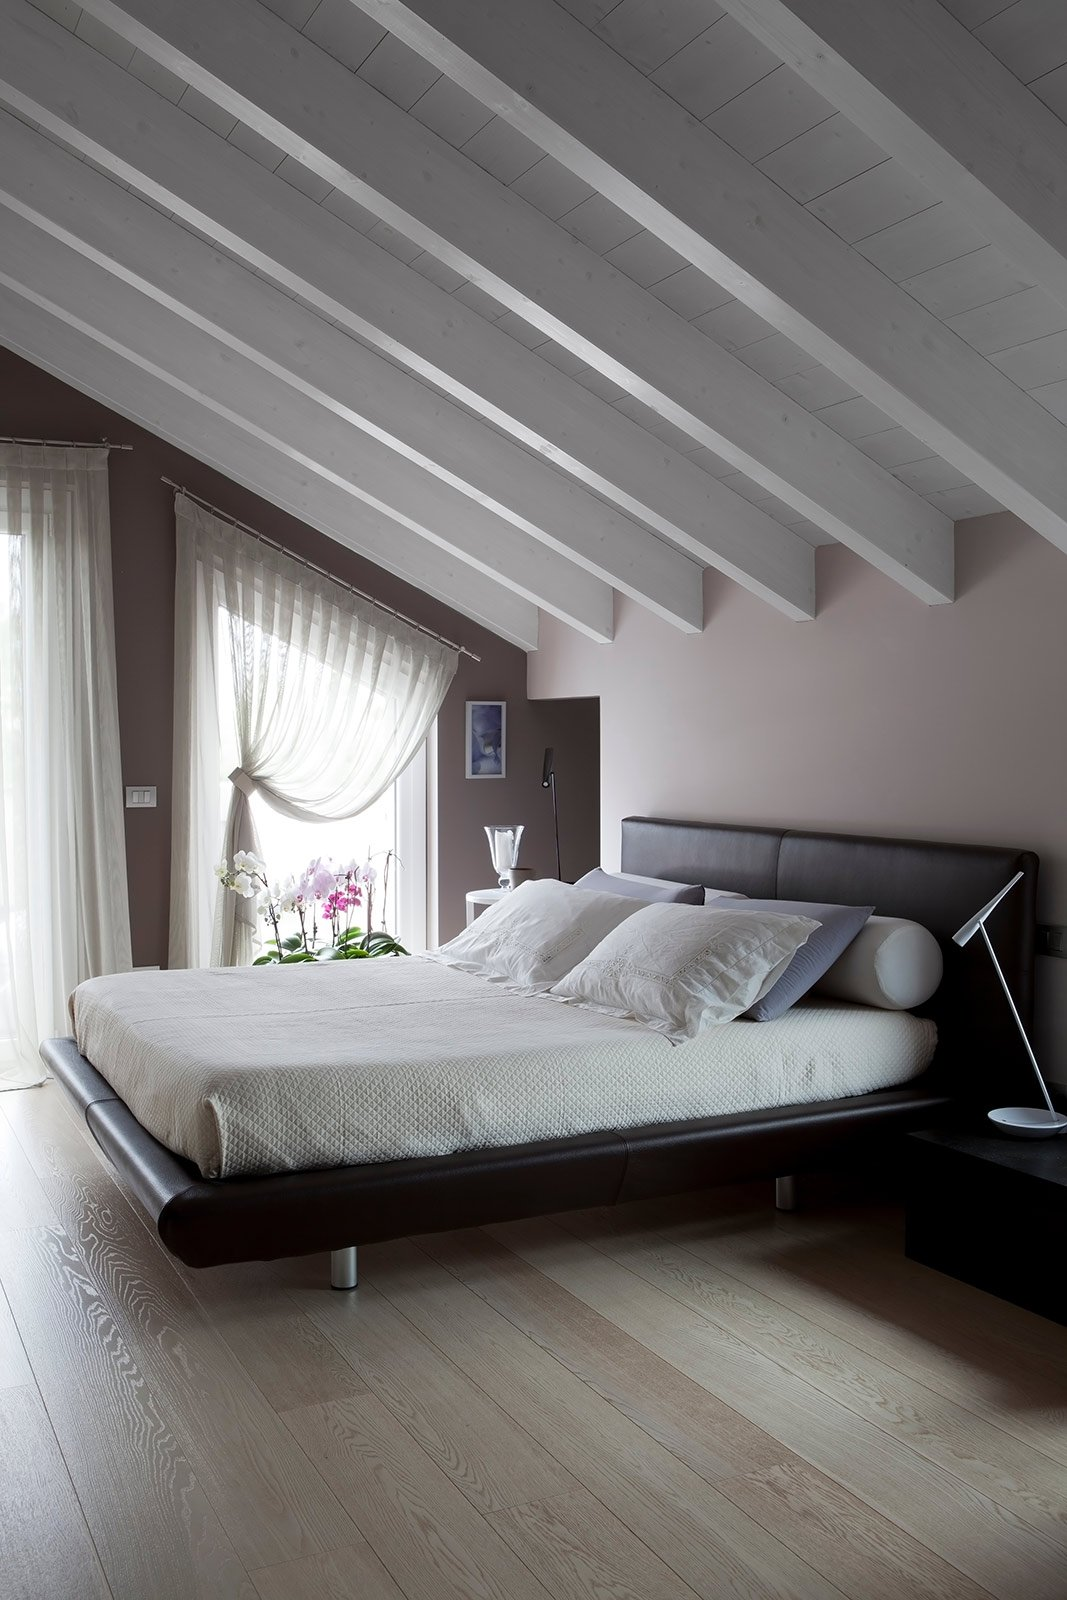 Bianco grigio nero per la casa di gusto contemporaneo for Soffitto travi a vista bianco